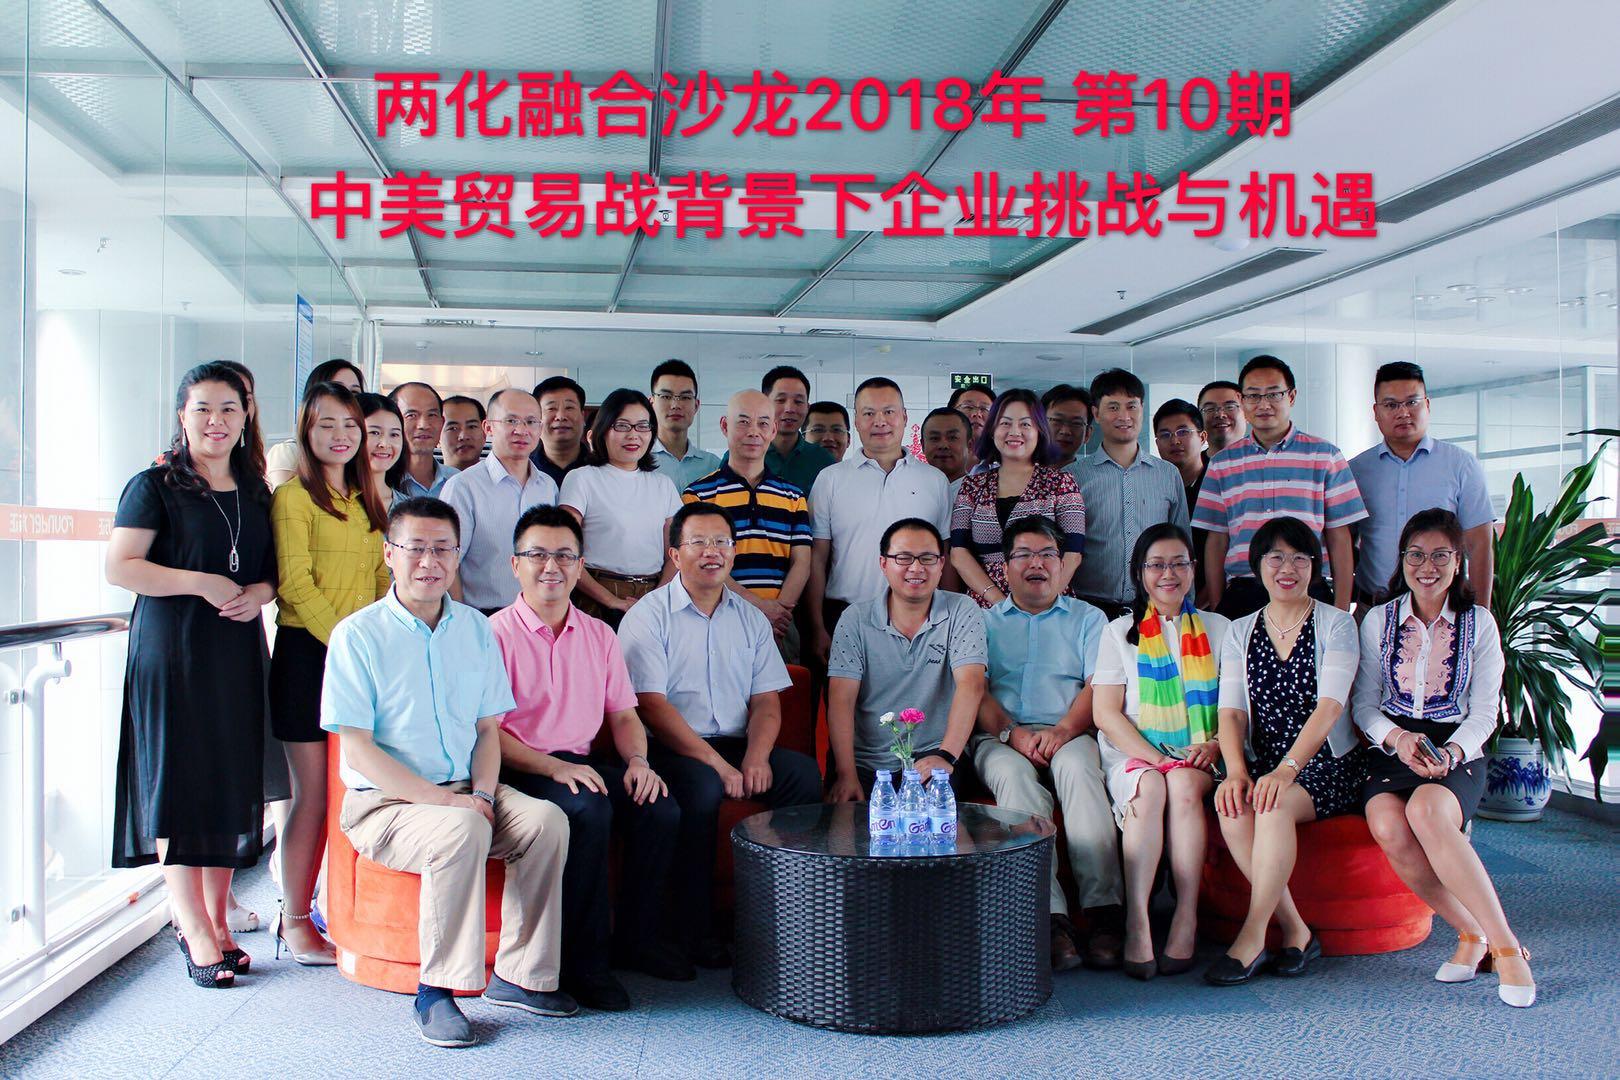 快讯:中美贸易战背景下的中国企业挑战与机遇沙龙圆满结束!